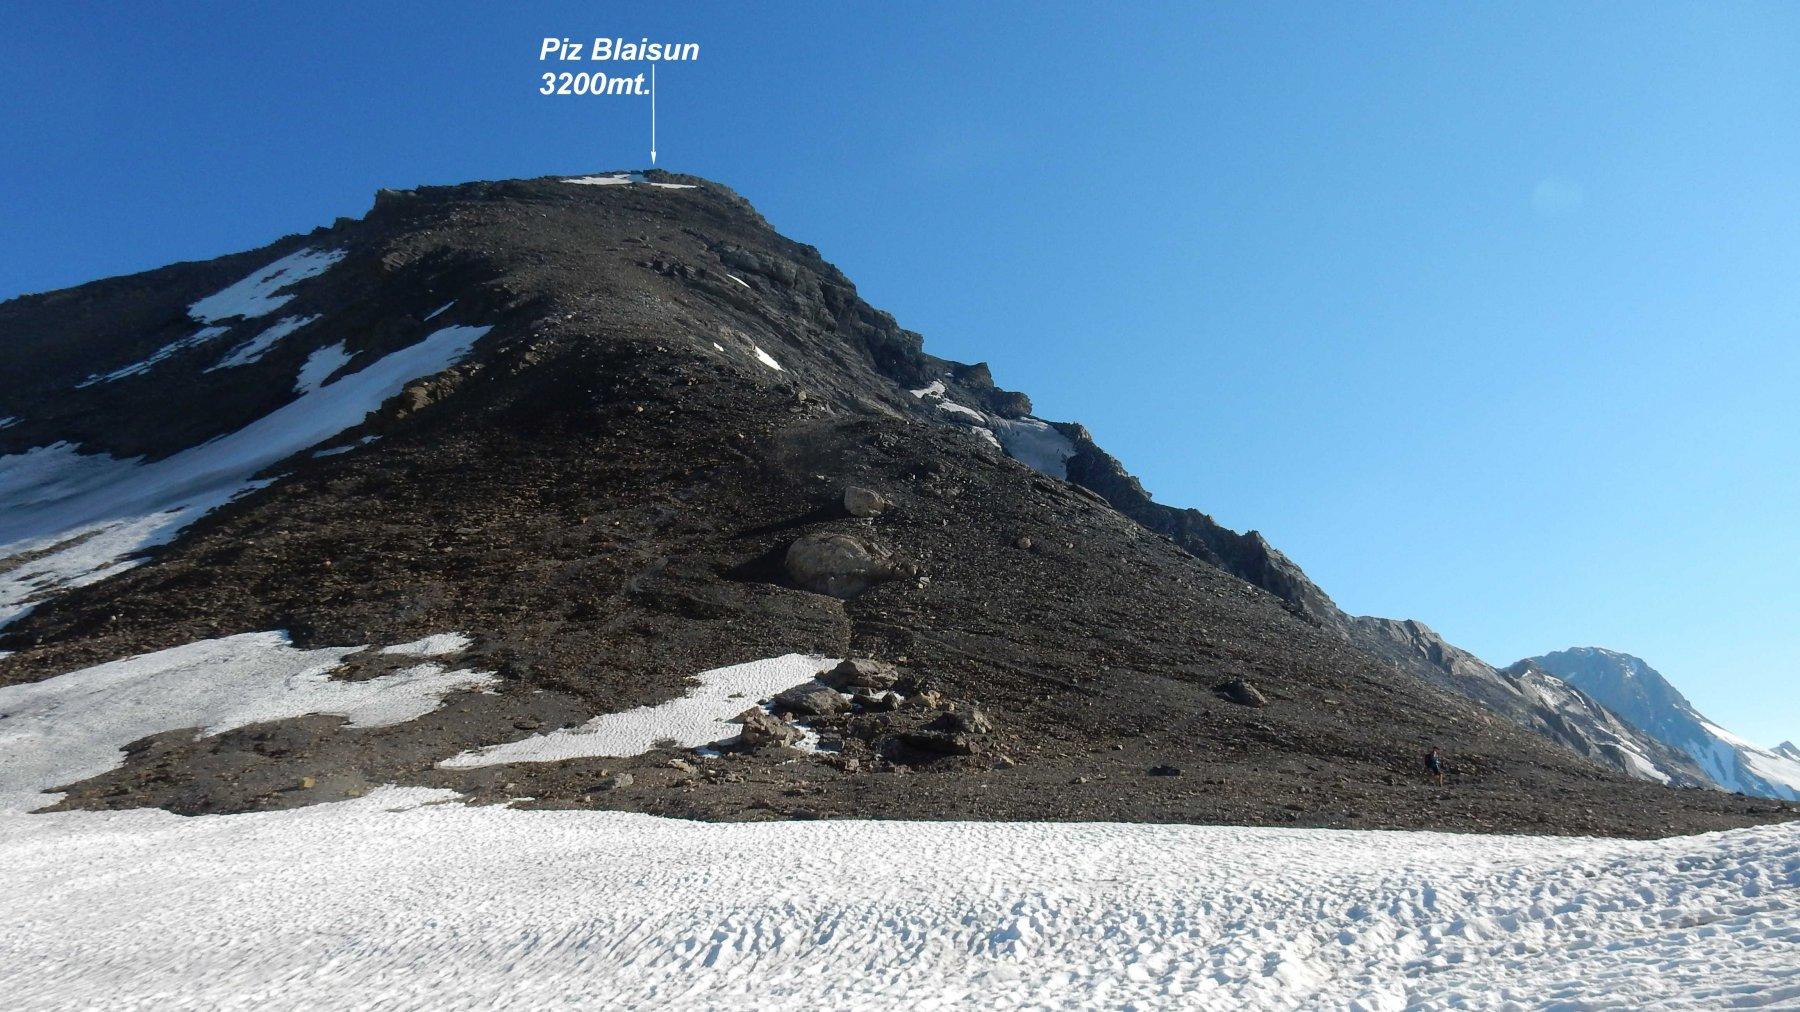 Vista dalla Fuorcla Pischa del ripido ma semplice tratto sceso, dalla cima del Piz Blaisun.